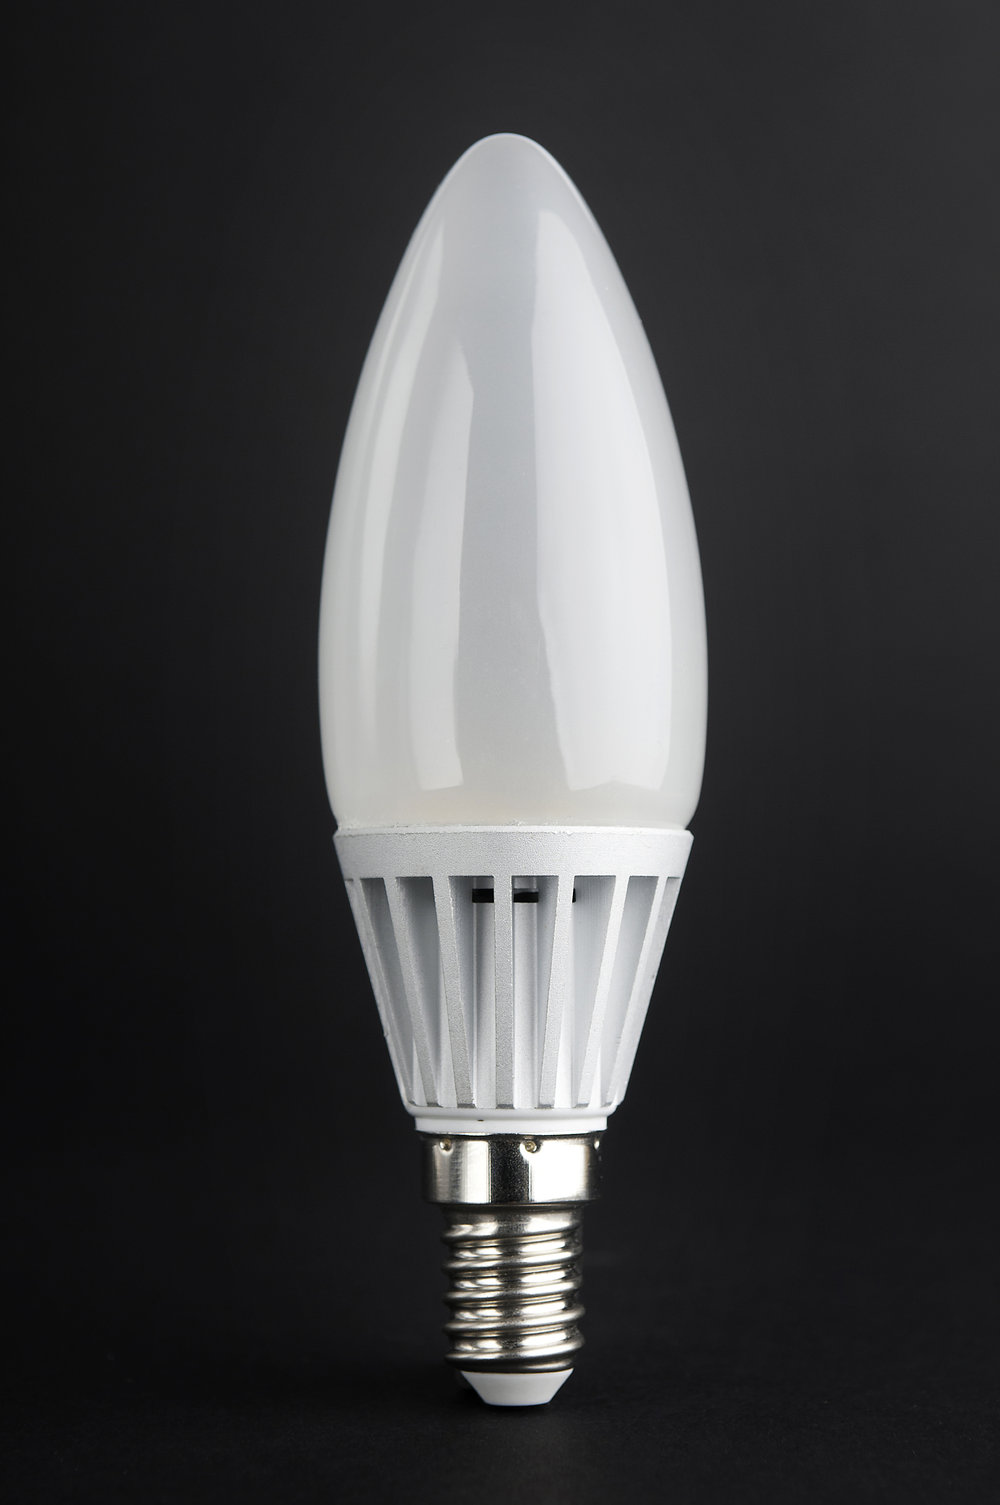 SERIE MG LED Ampoule óptica polycarbonate opale E14 x 4,5W